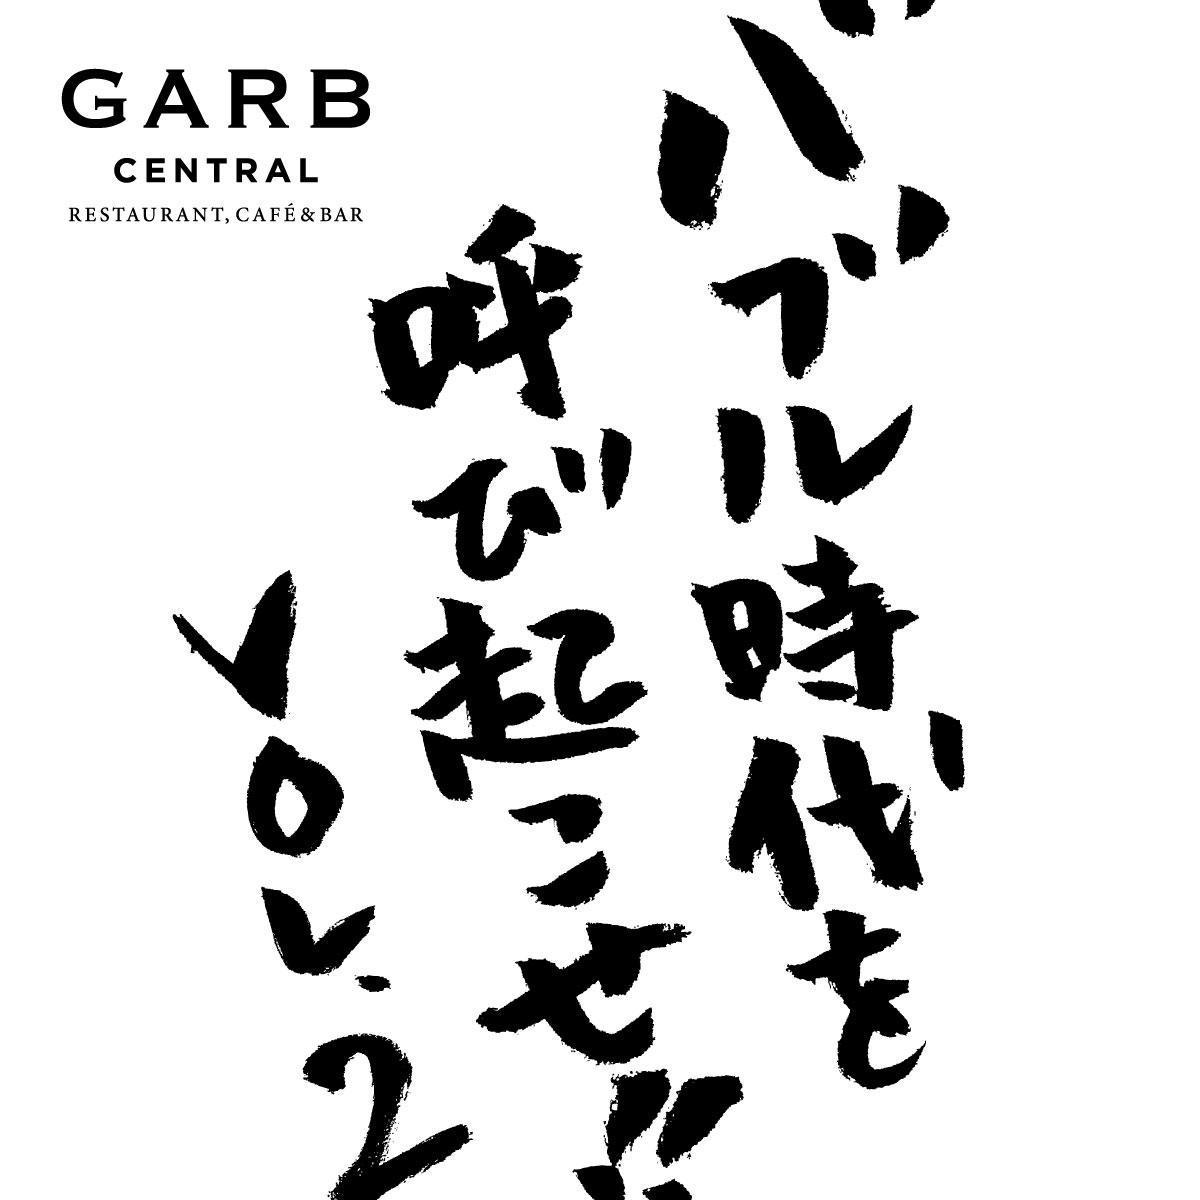 バブル時代を呼び起こせ!vol.2 @GARB CENTRAL